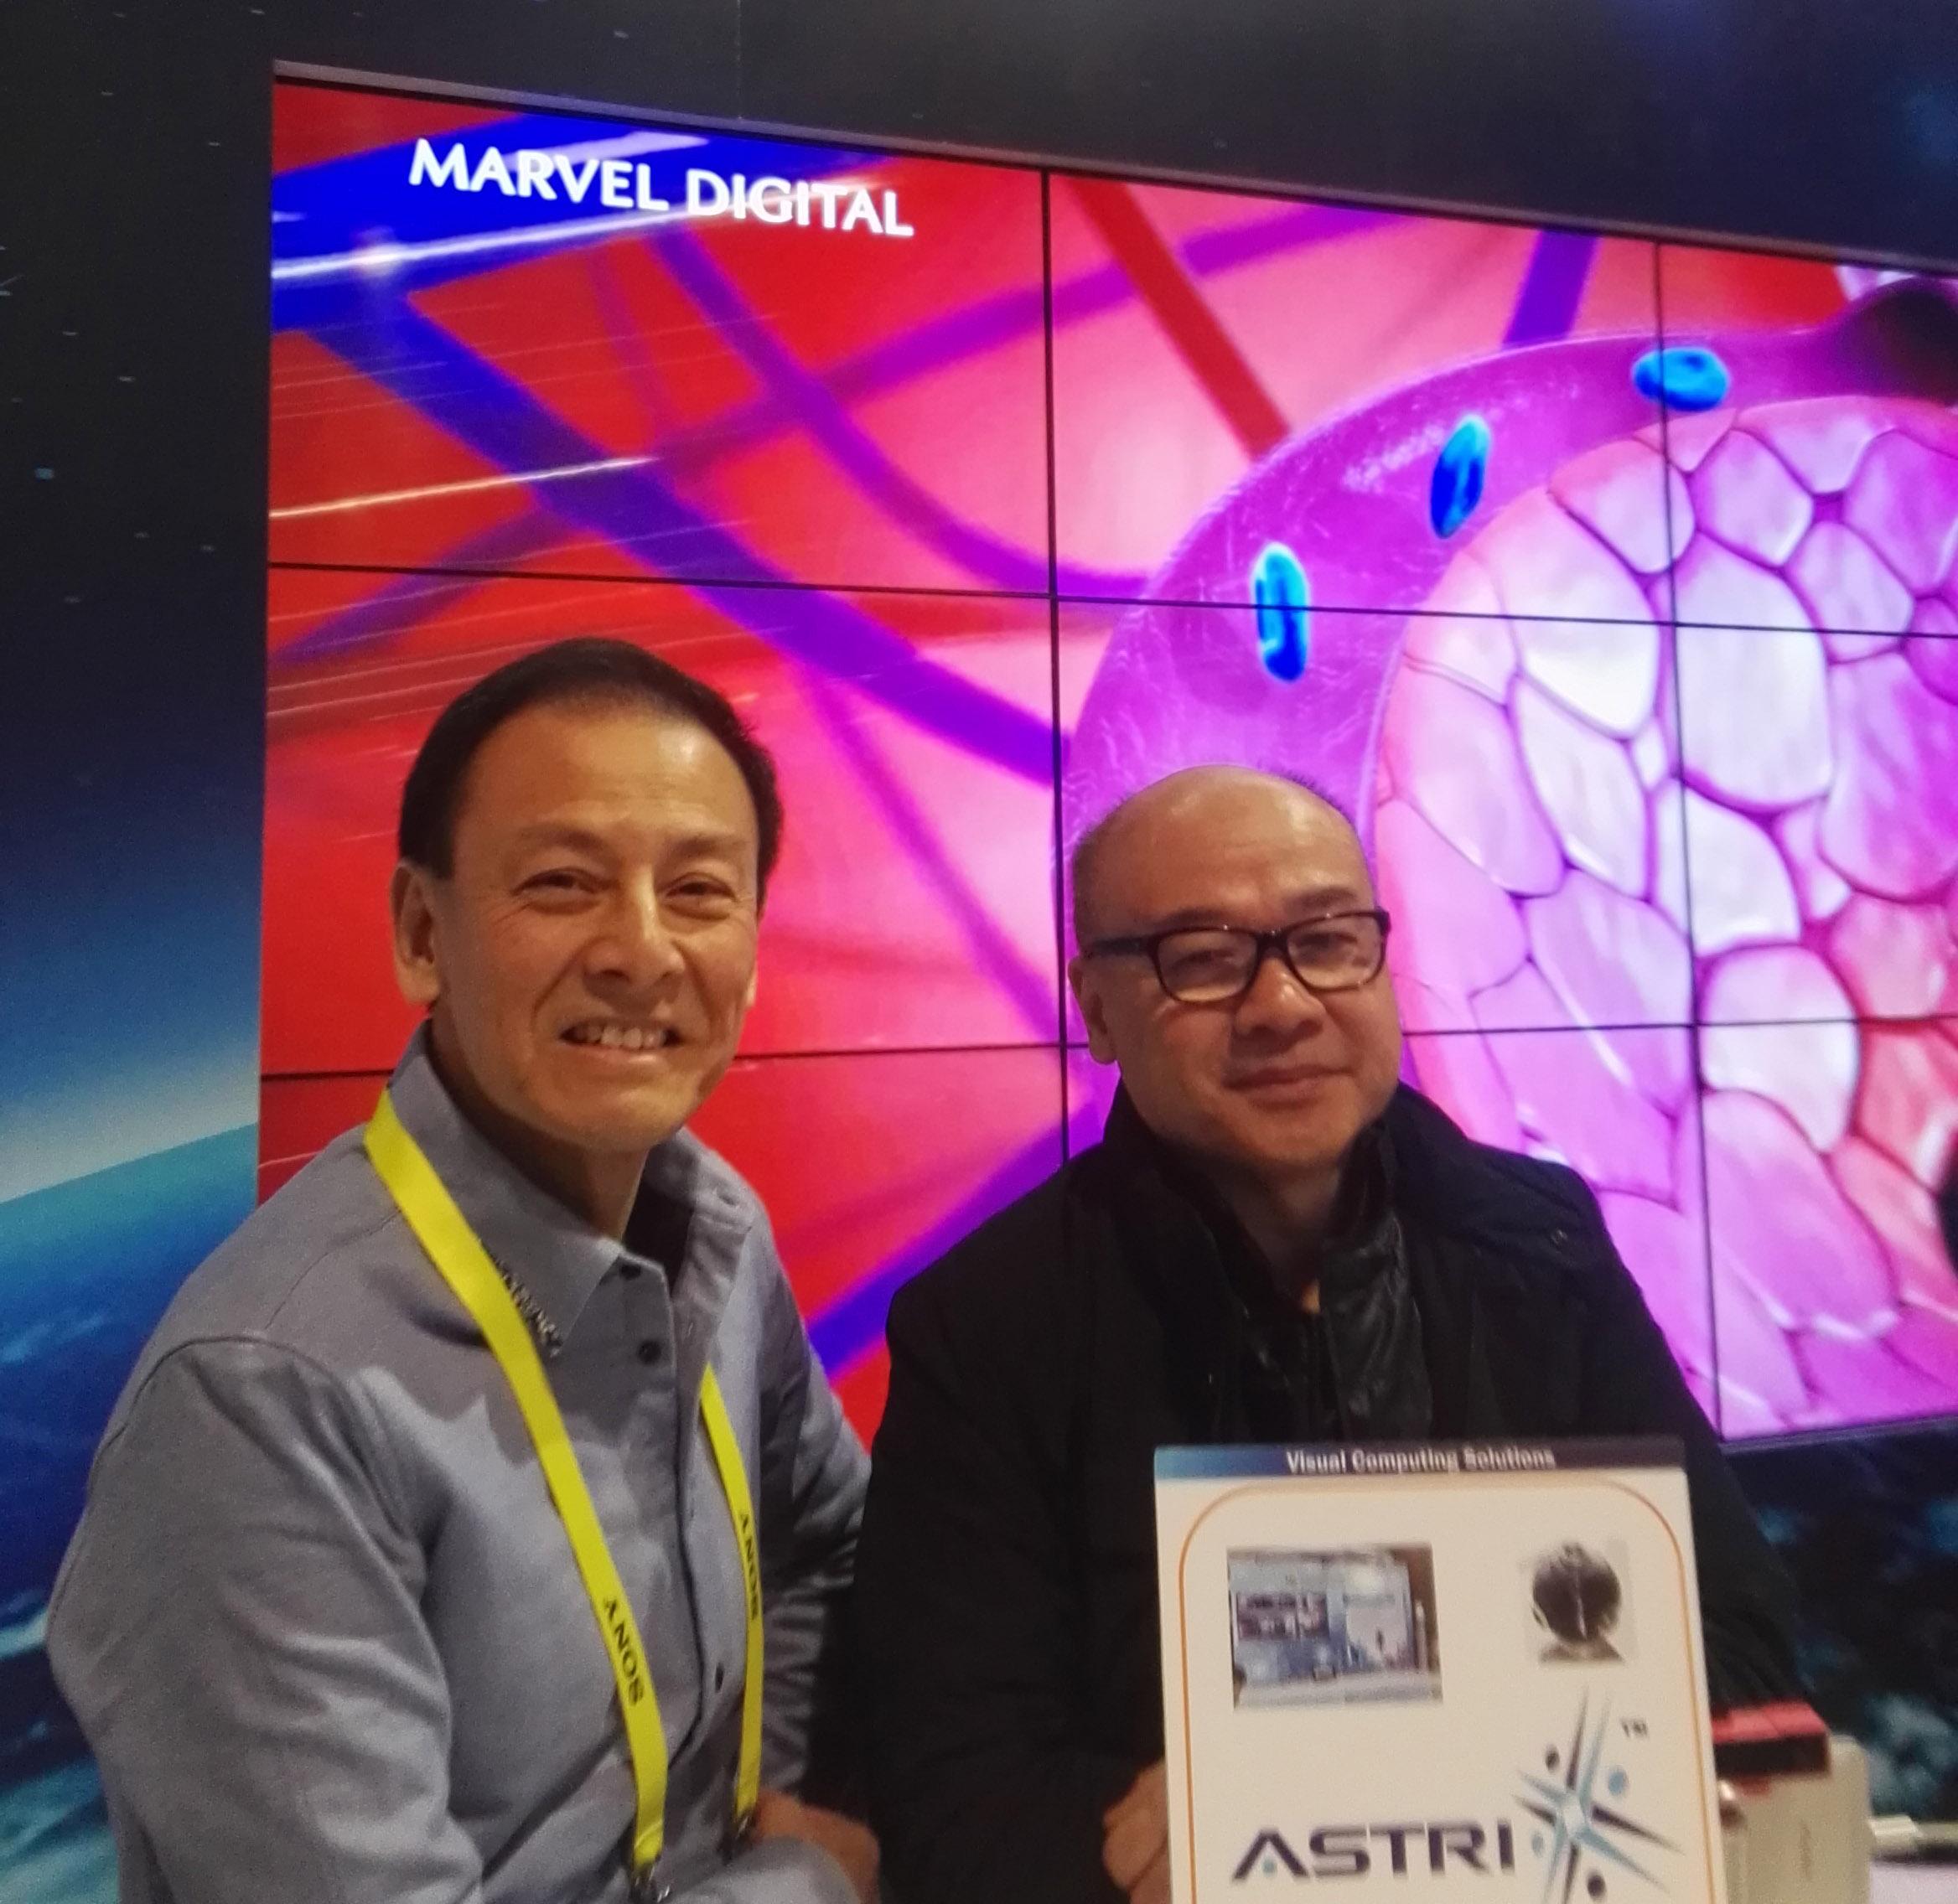 应科院与万维数码在2017年国际消费类电子产品展(CES 2017)中共同演示最新的显示技术备受瞩目